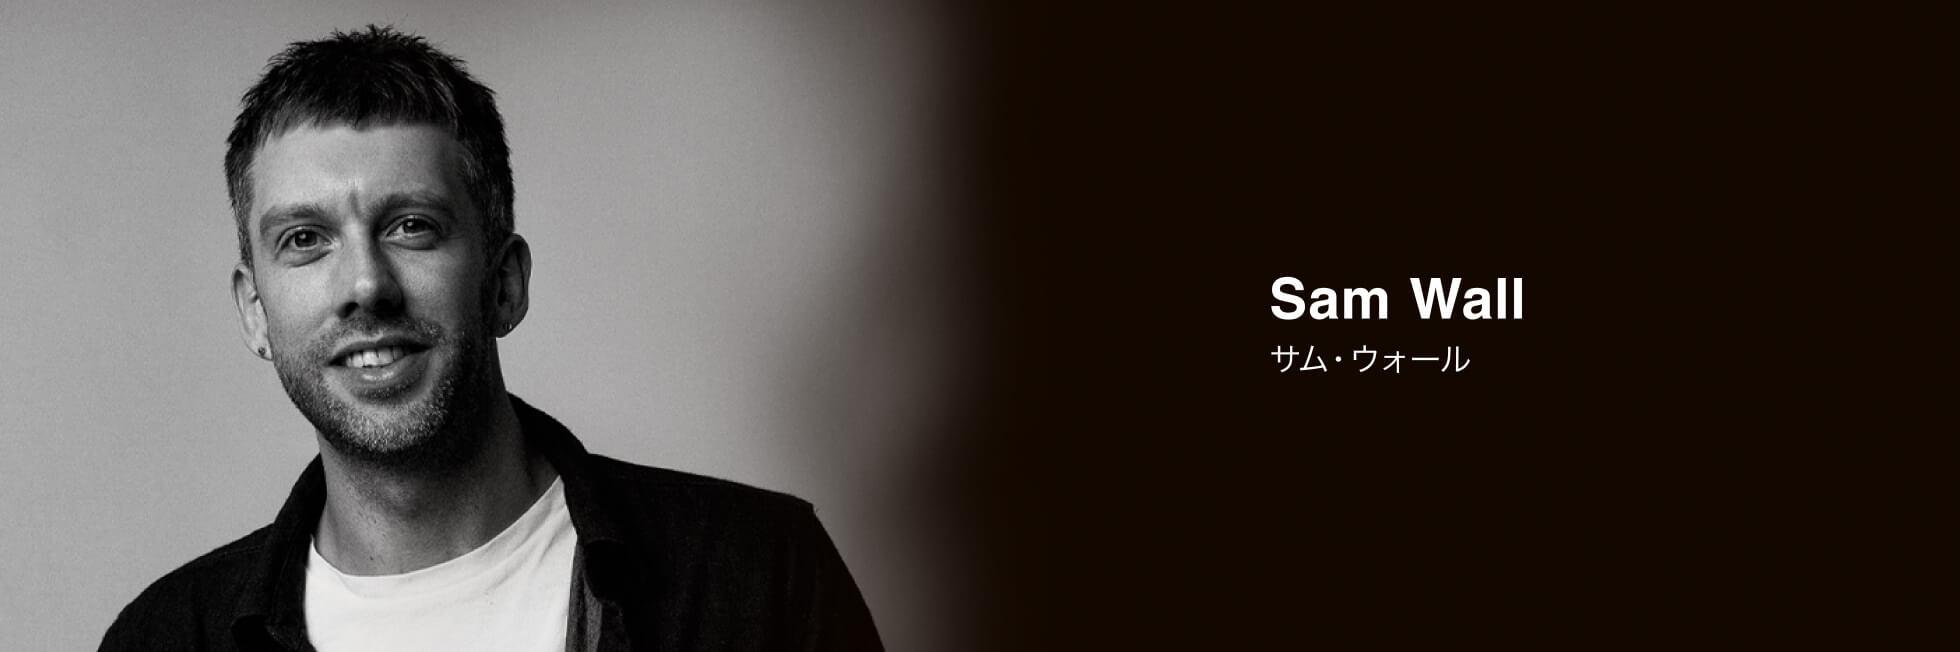 Sam Wall サム・ウォール